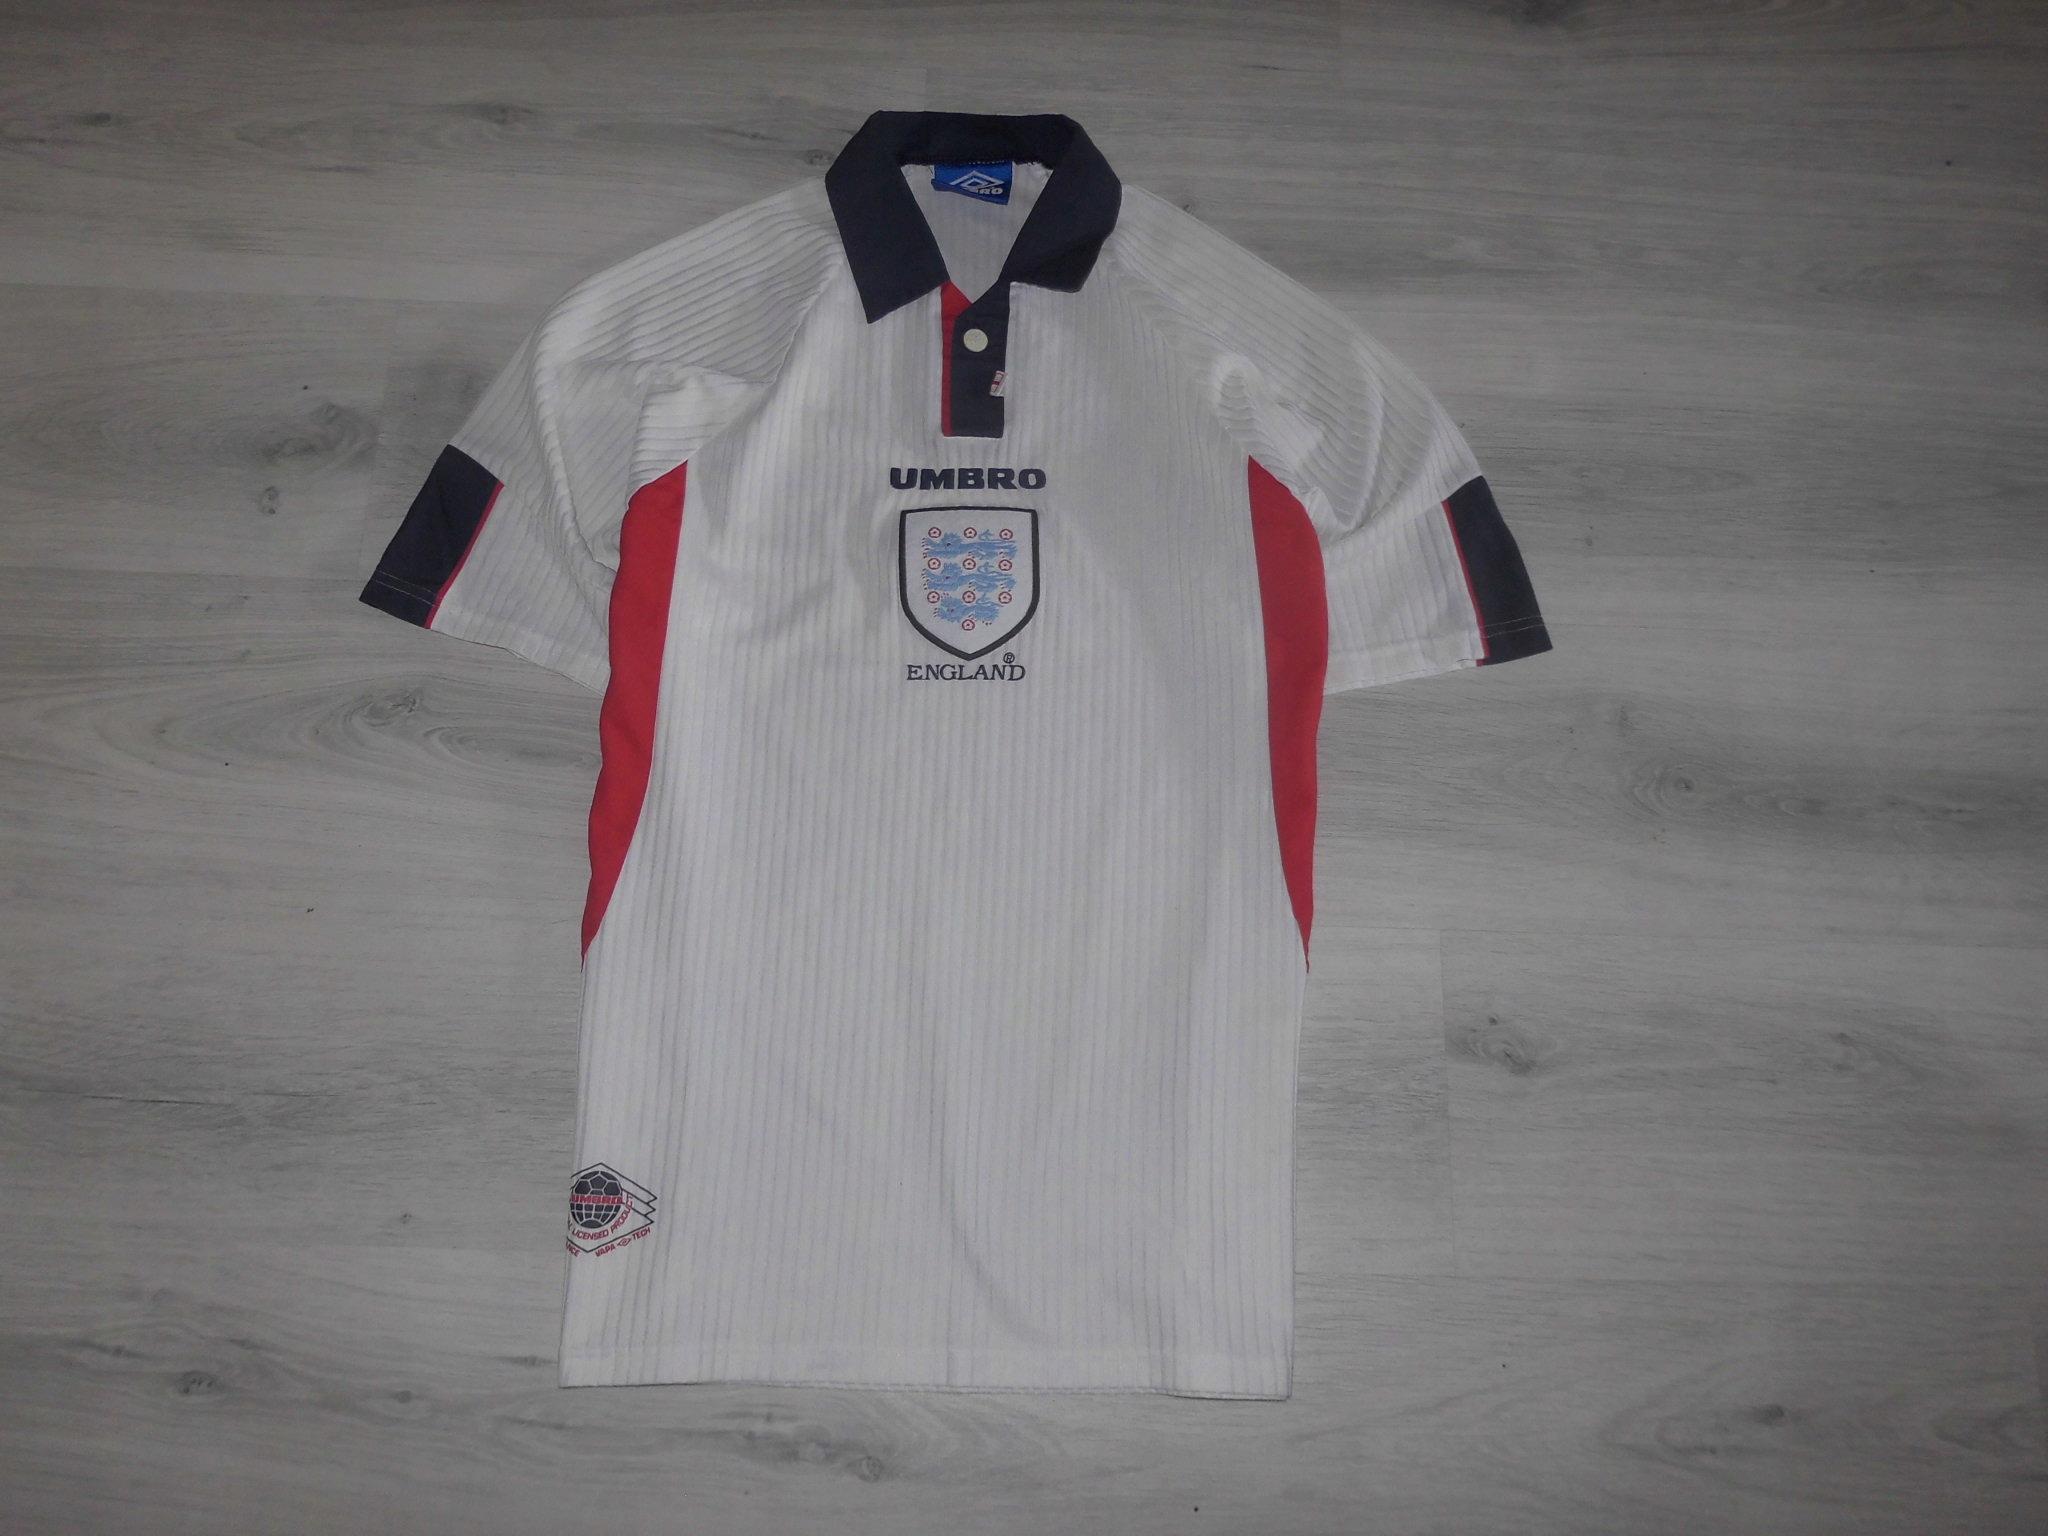 ANGLIA_ENGLAND_UMBRO_HOME NATIONAL SHIRT_1997_BDB